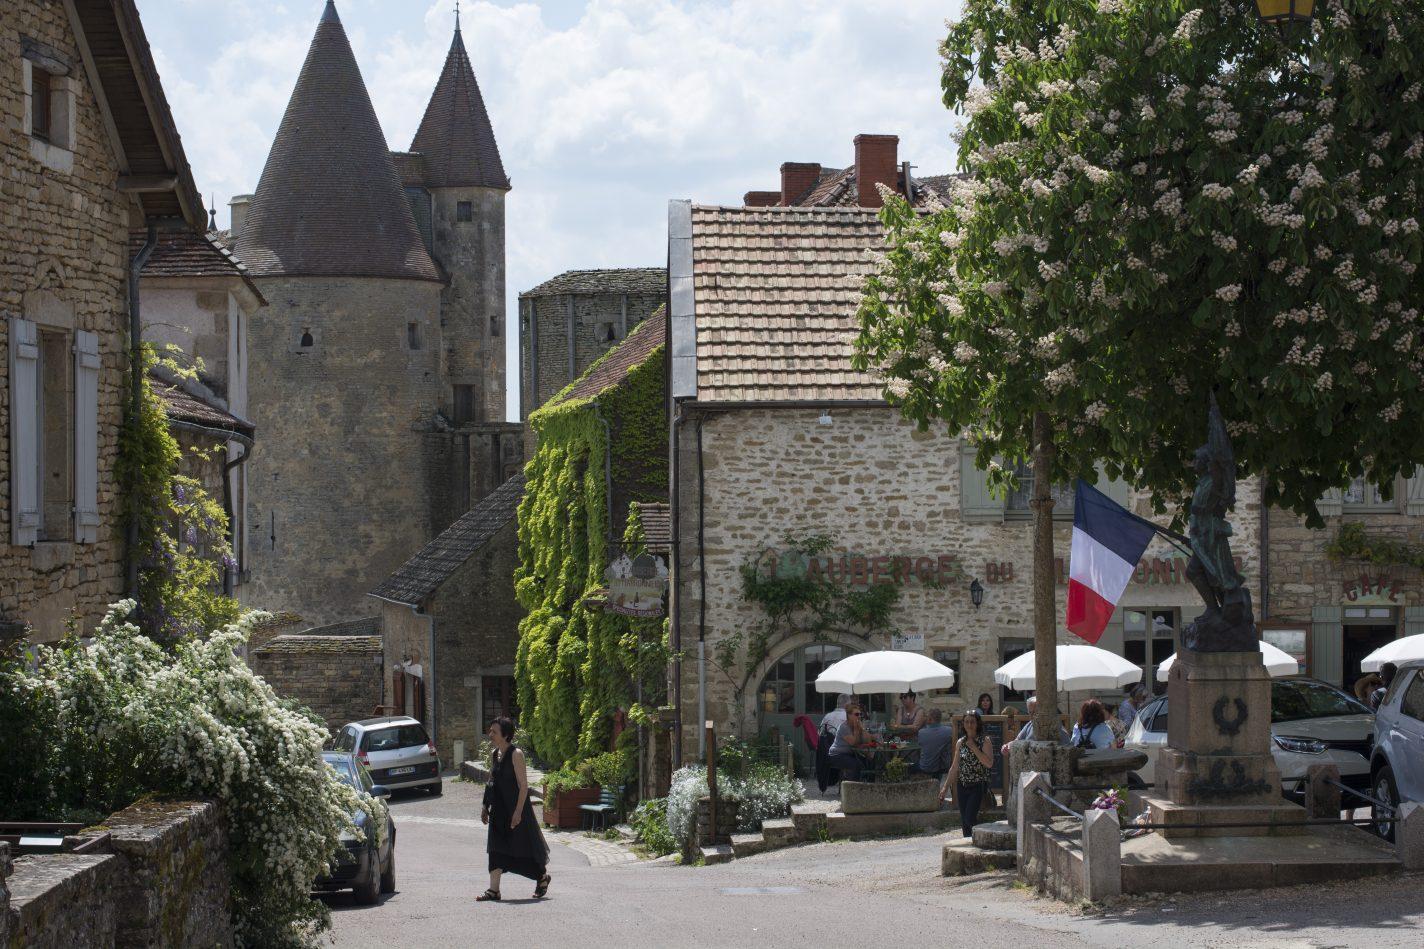 Geniet van idyllische Franse dorpjes - De meest campervriendelijke landen